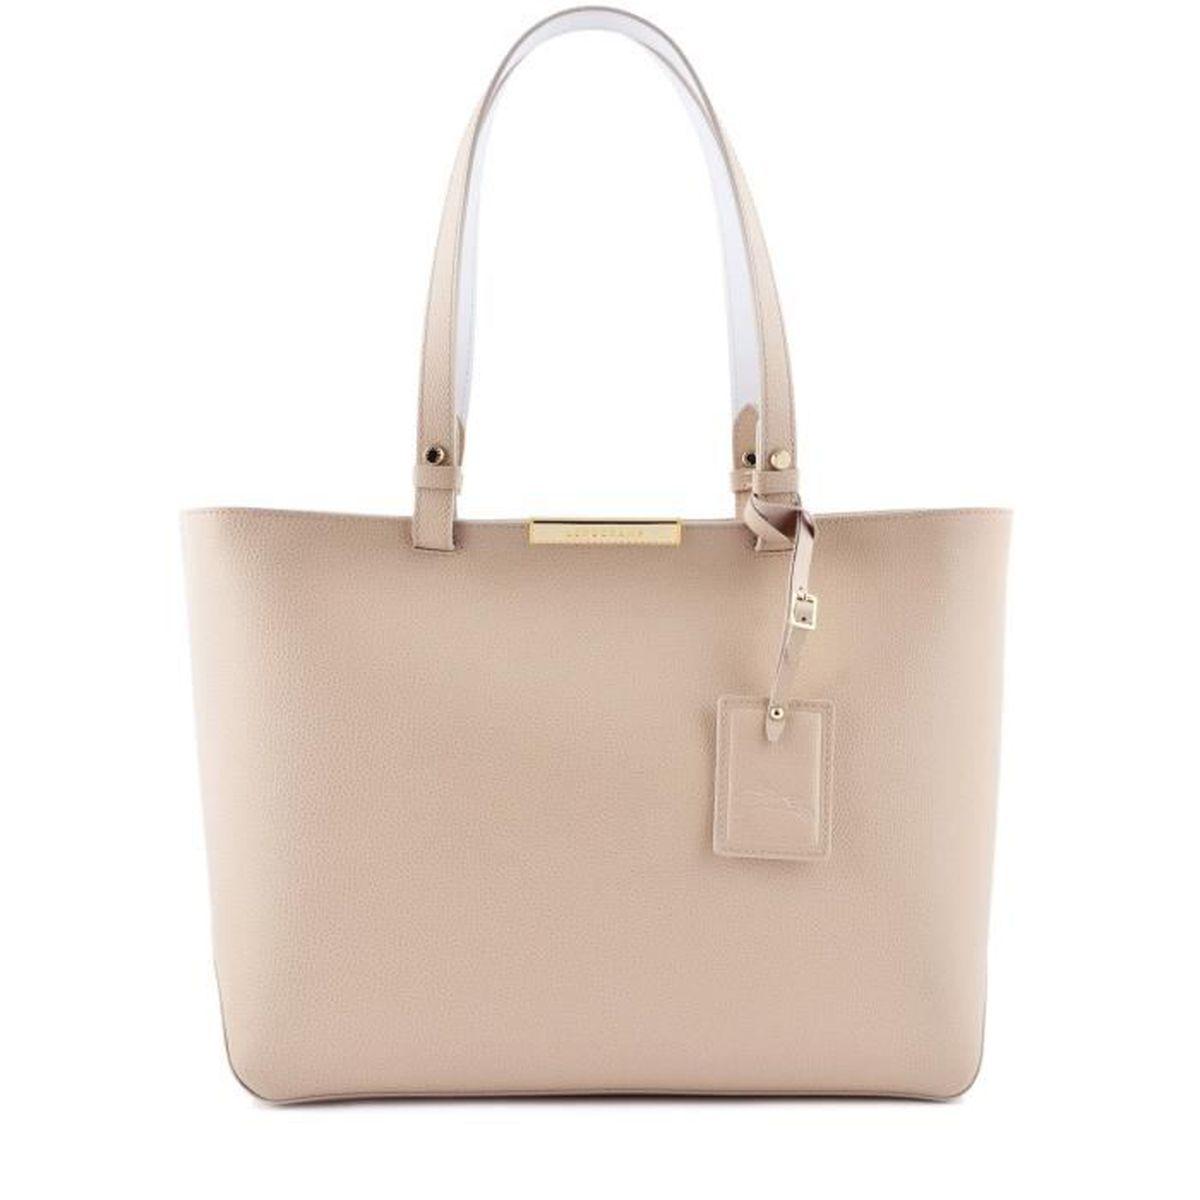 LONGCHAMP - sac femme porté épaule en cuir - IVOIRE FOULONNE CITY ...